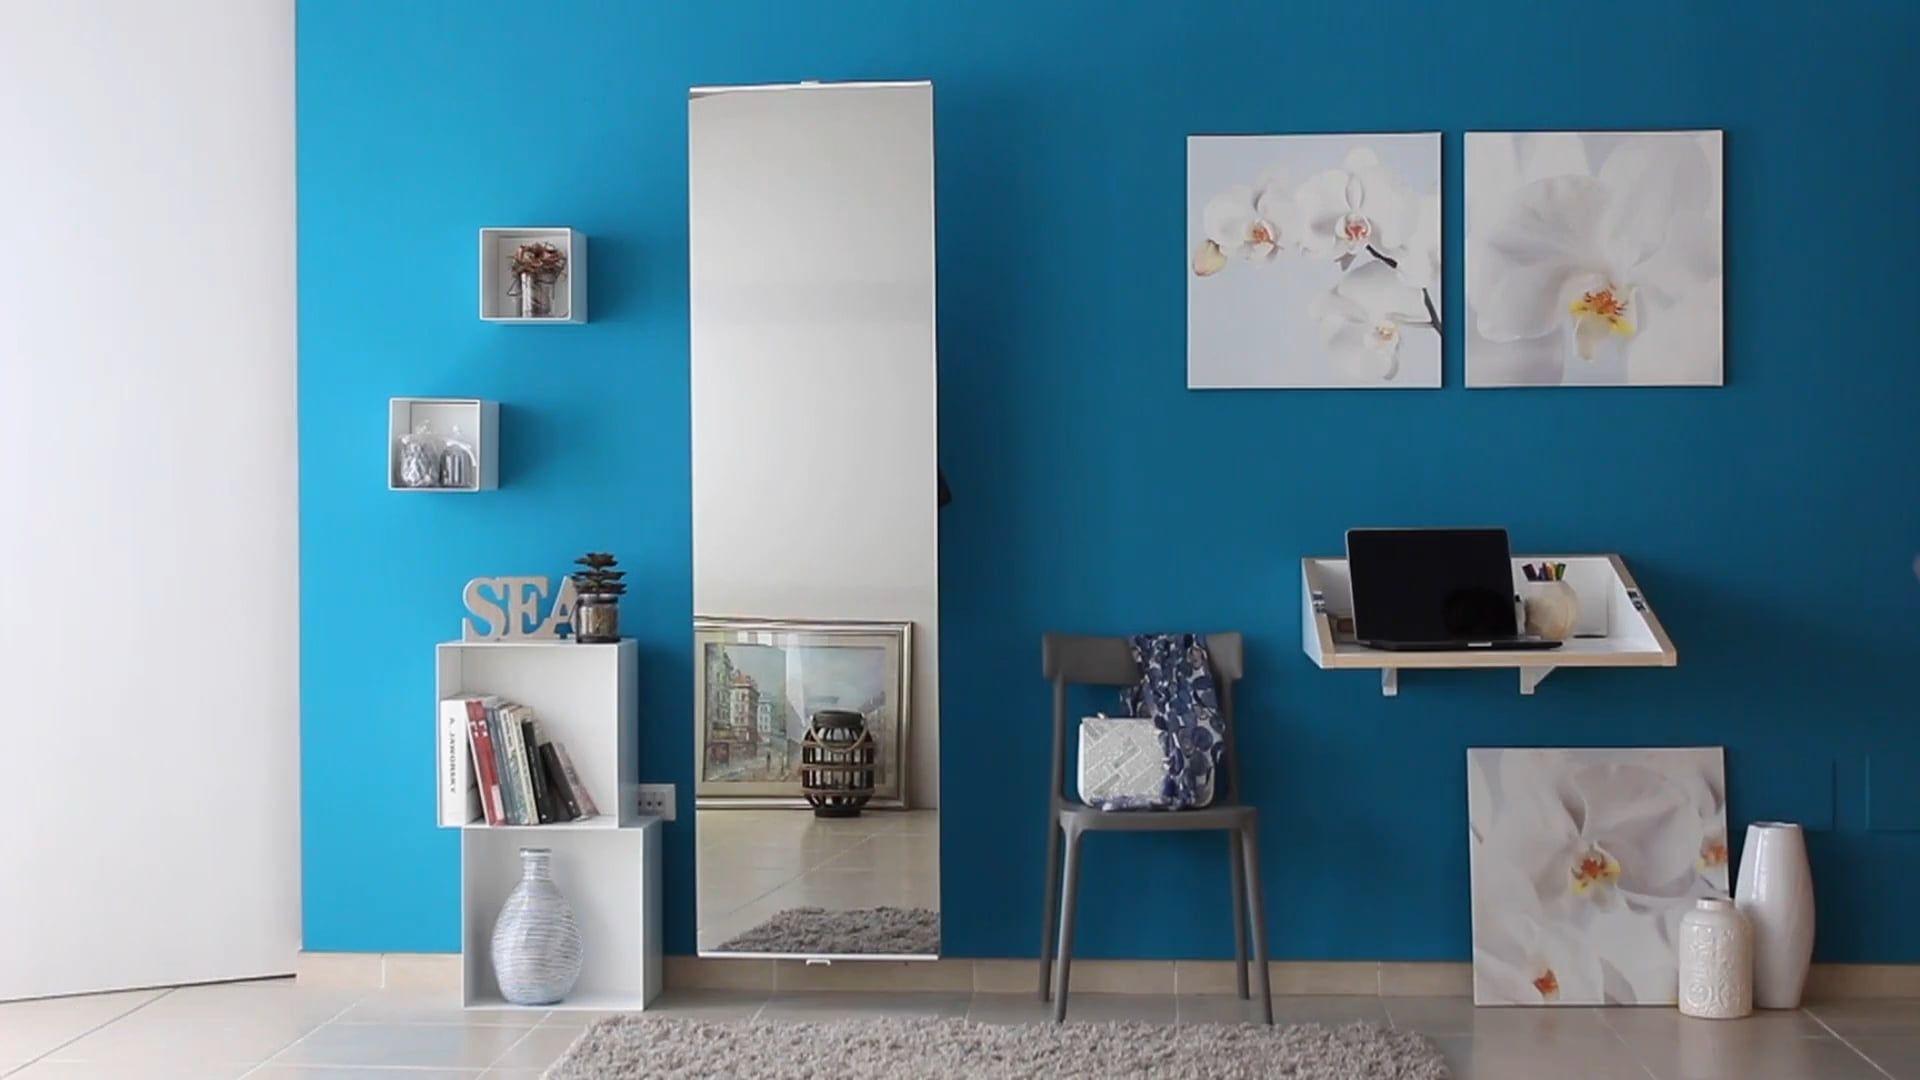 Specchio girevole con appendiabiti per ingresso Scap | ingresso casa ...